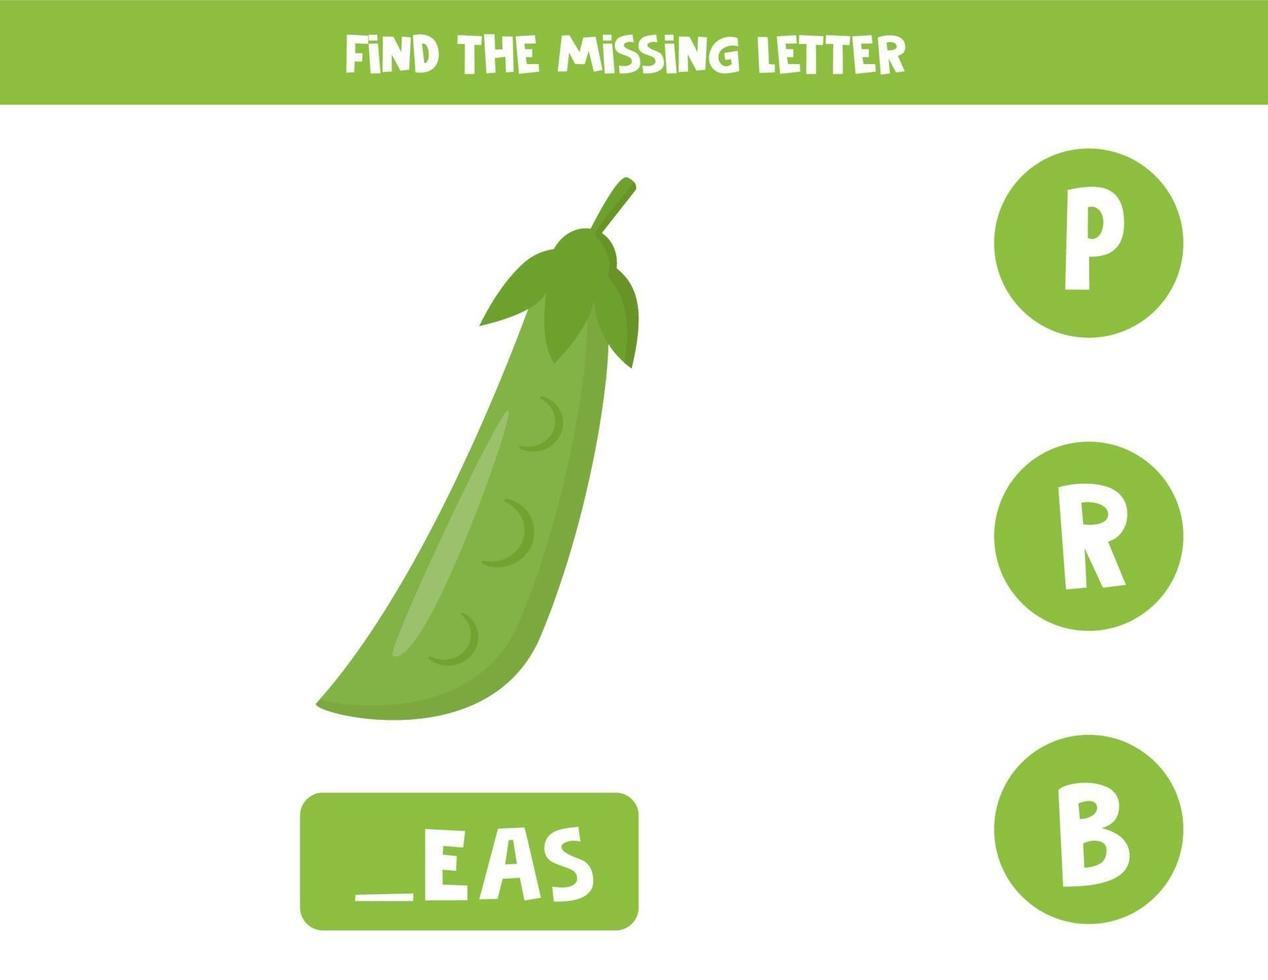 hitta saknat brev och skriv ner det. söta tecknade gröna ärtor. vektor